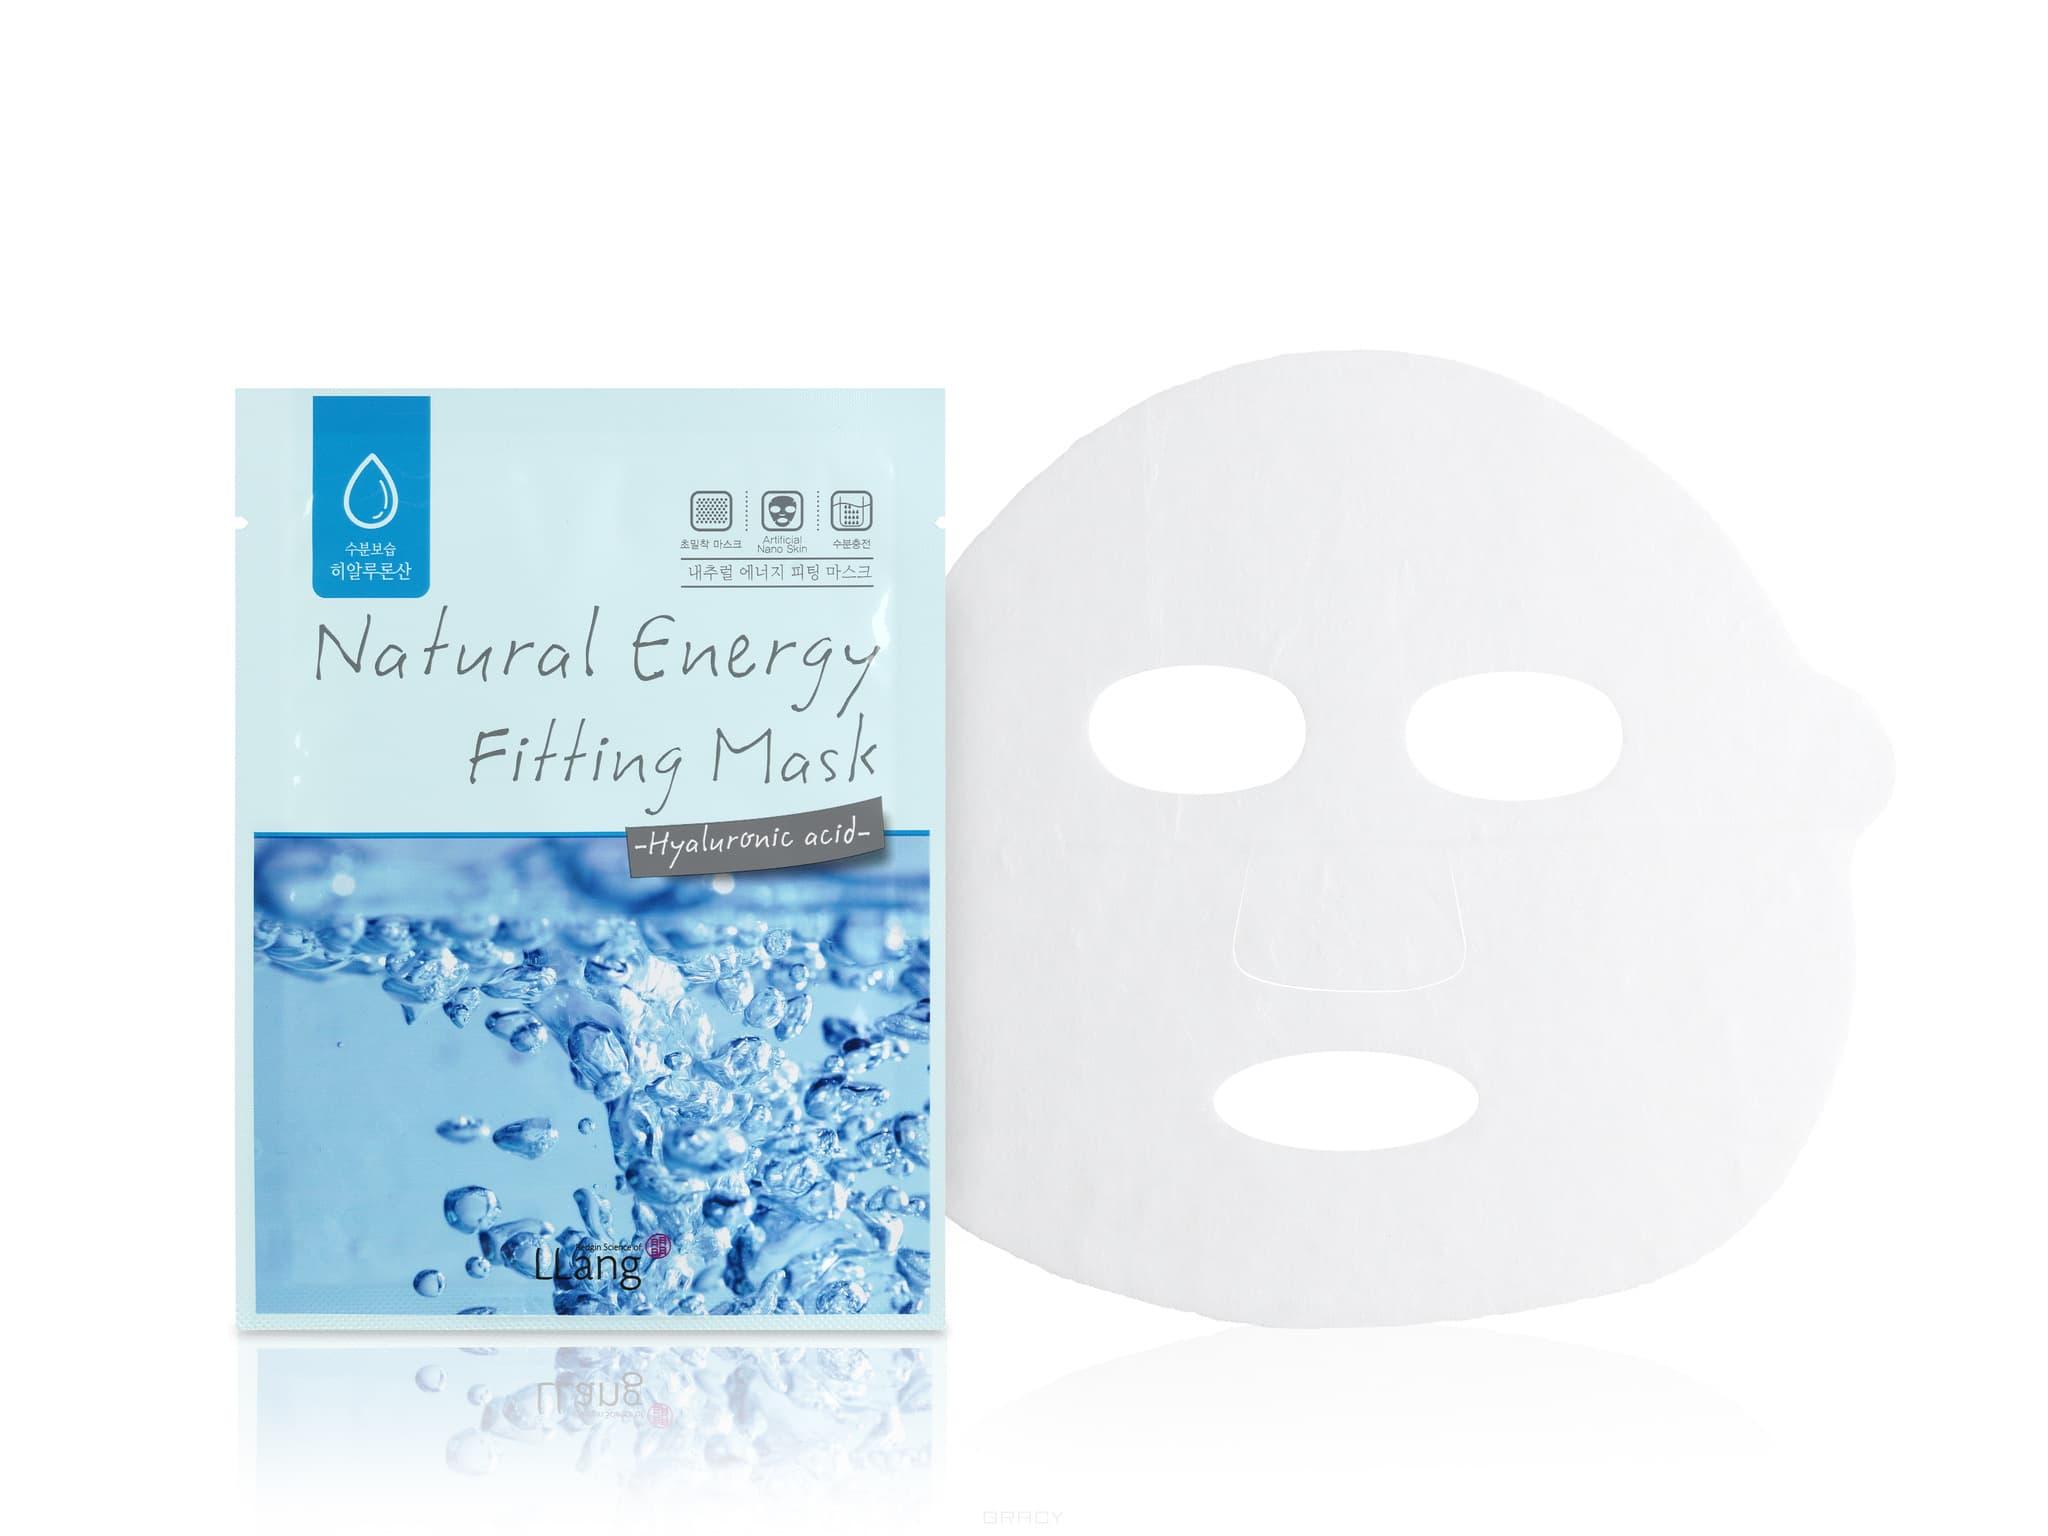 LLang Тканевая маска с гиалуроновой кислотой Natural Energy Fitting Mask (Hyaluronic acid), 20 мл